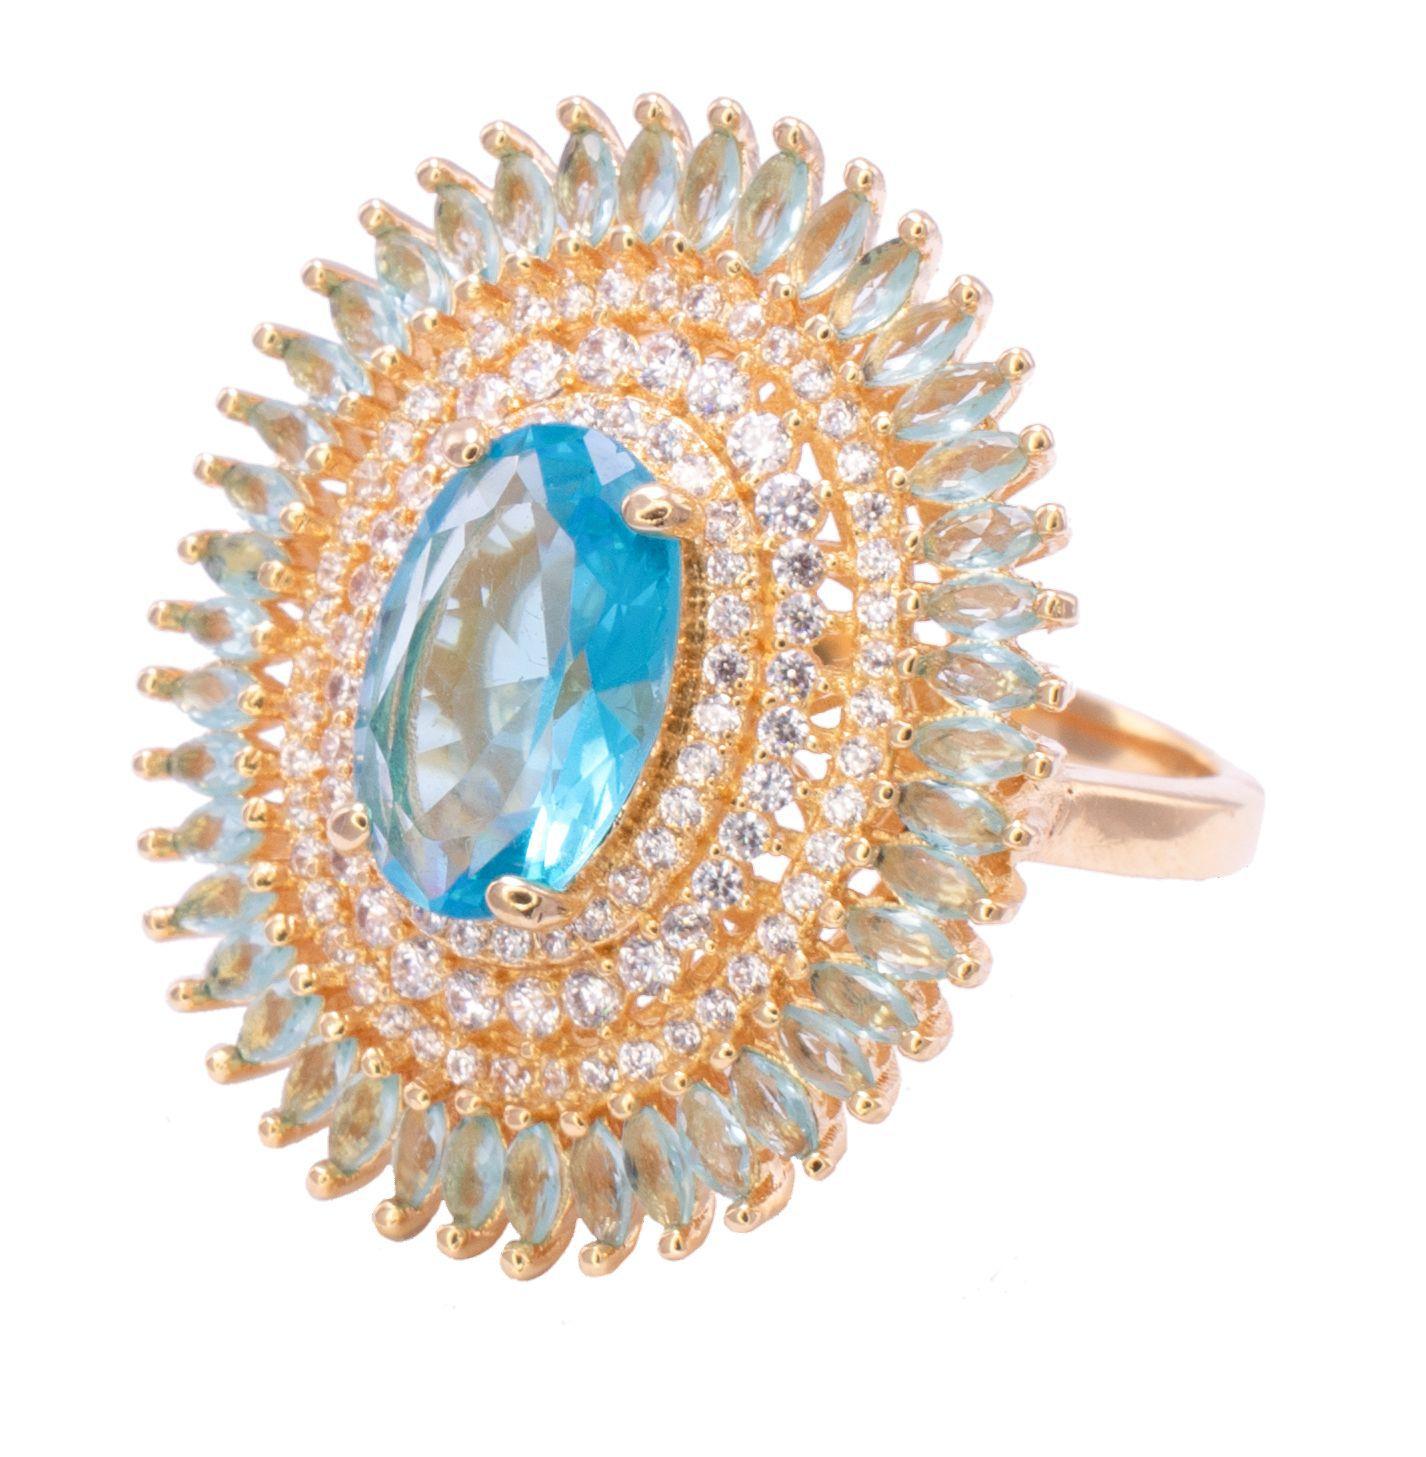 Anel Oval com Cristal Azul e Pedra Zicônia Ouro 18k - Giro Semijoias